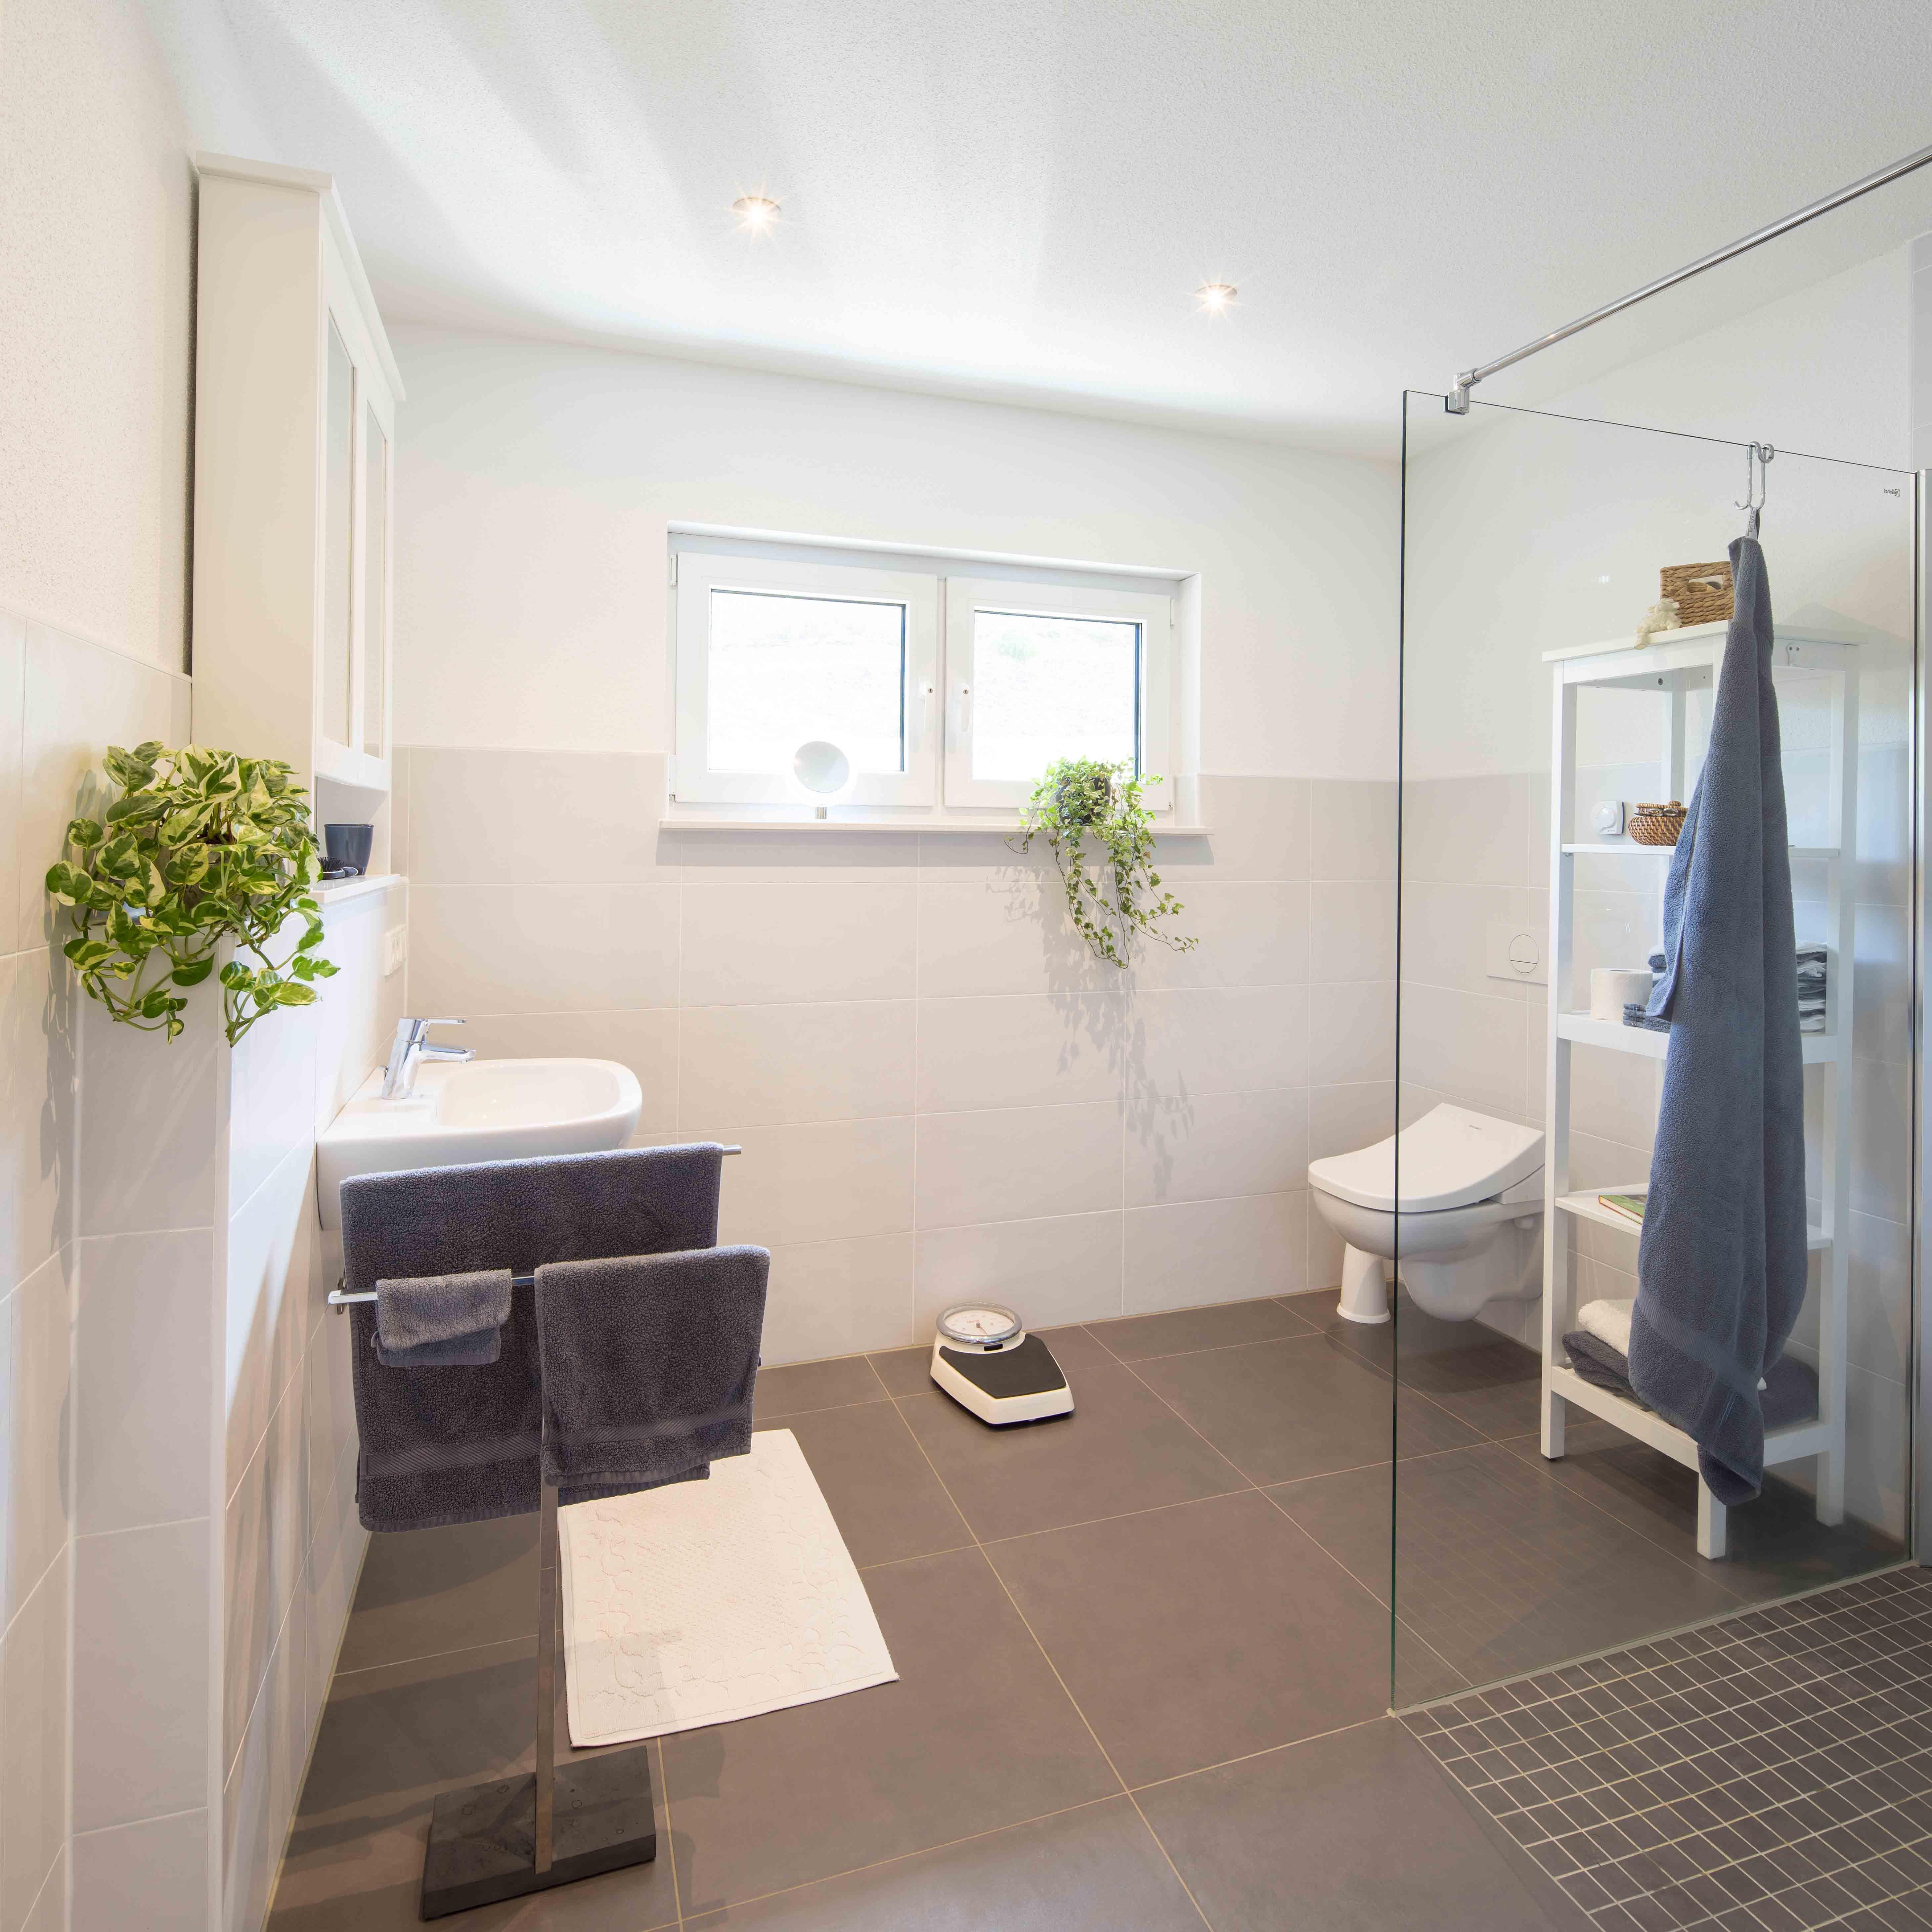 fertighaus wohnidee badezimmer wohnideen badezimmer pinterest fertigh user wohnideen und. Black Bedroom Furniture Sets. Home Design Ideas